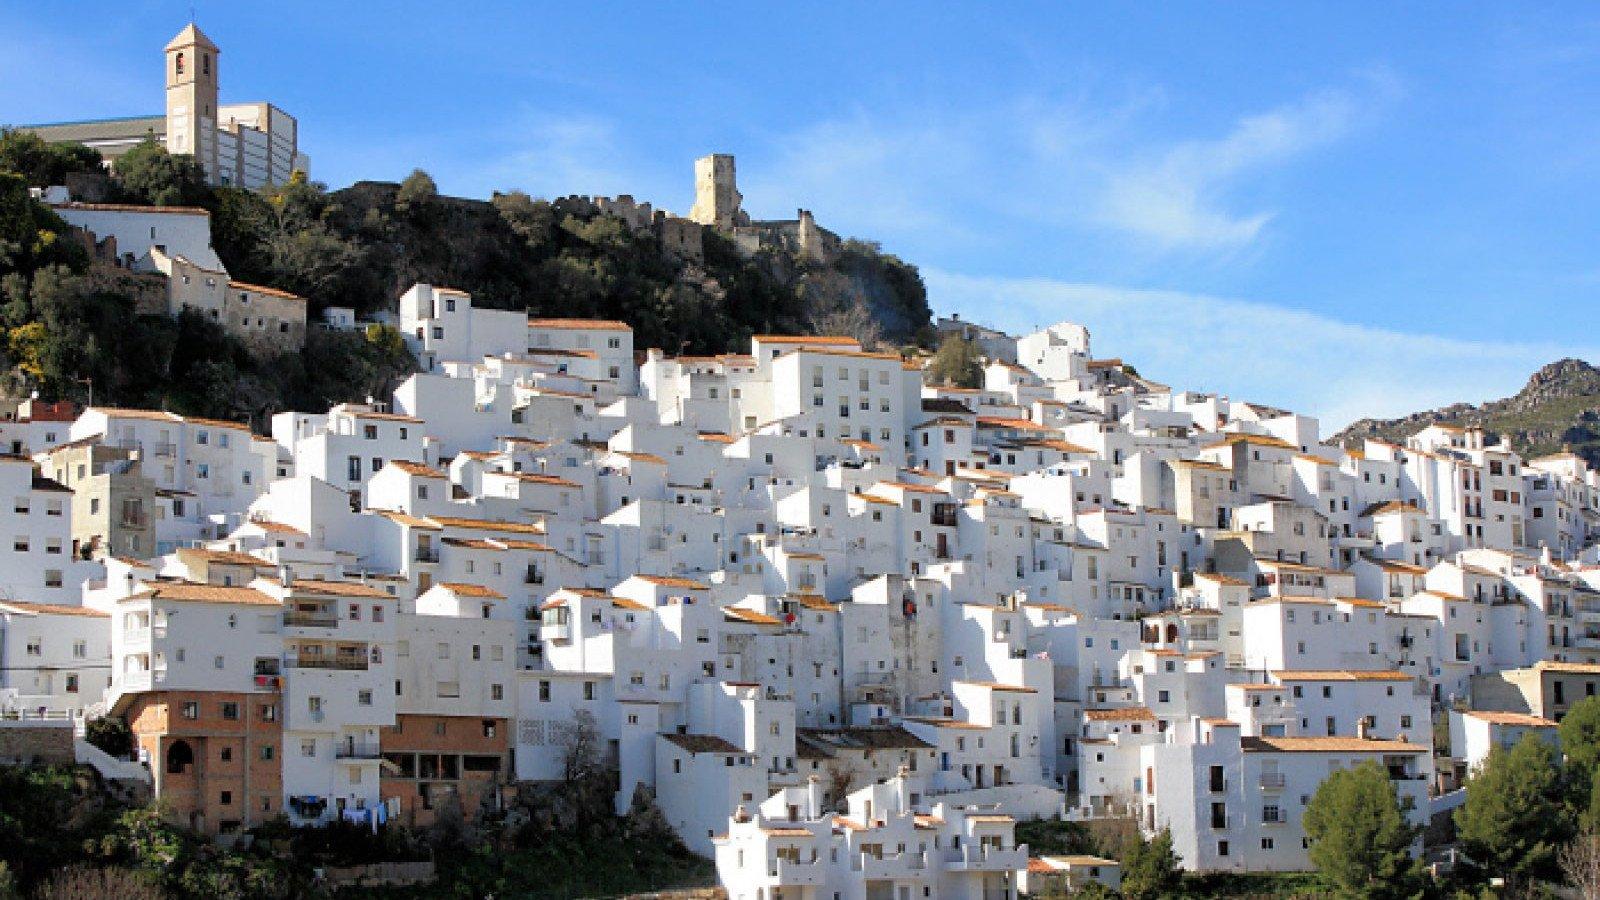 La hermosa estampa que presenta la localidad de Casares.